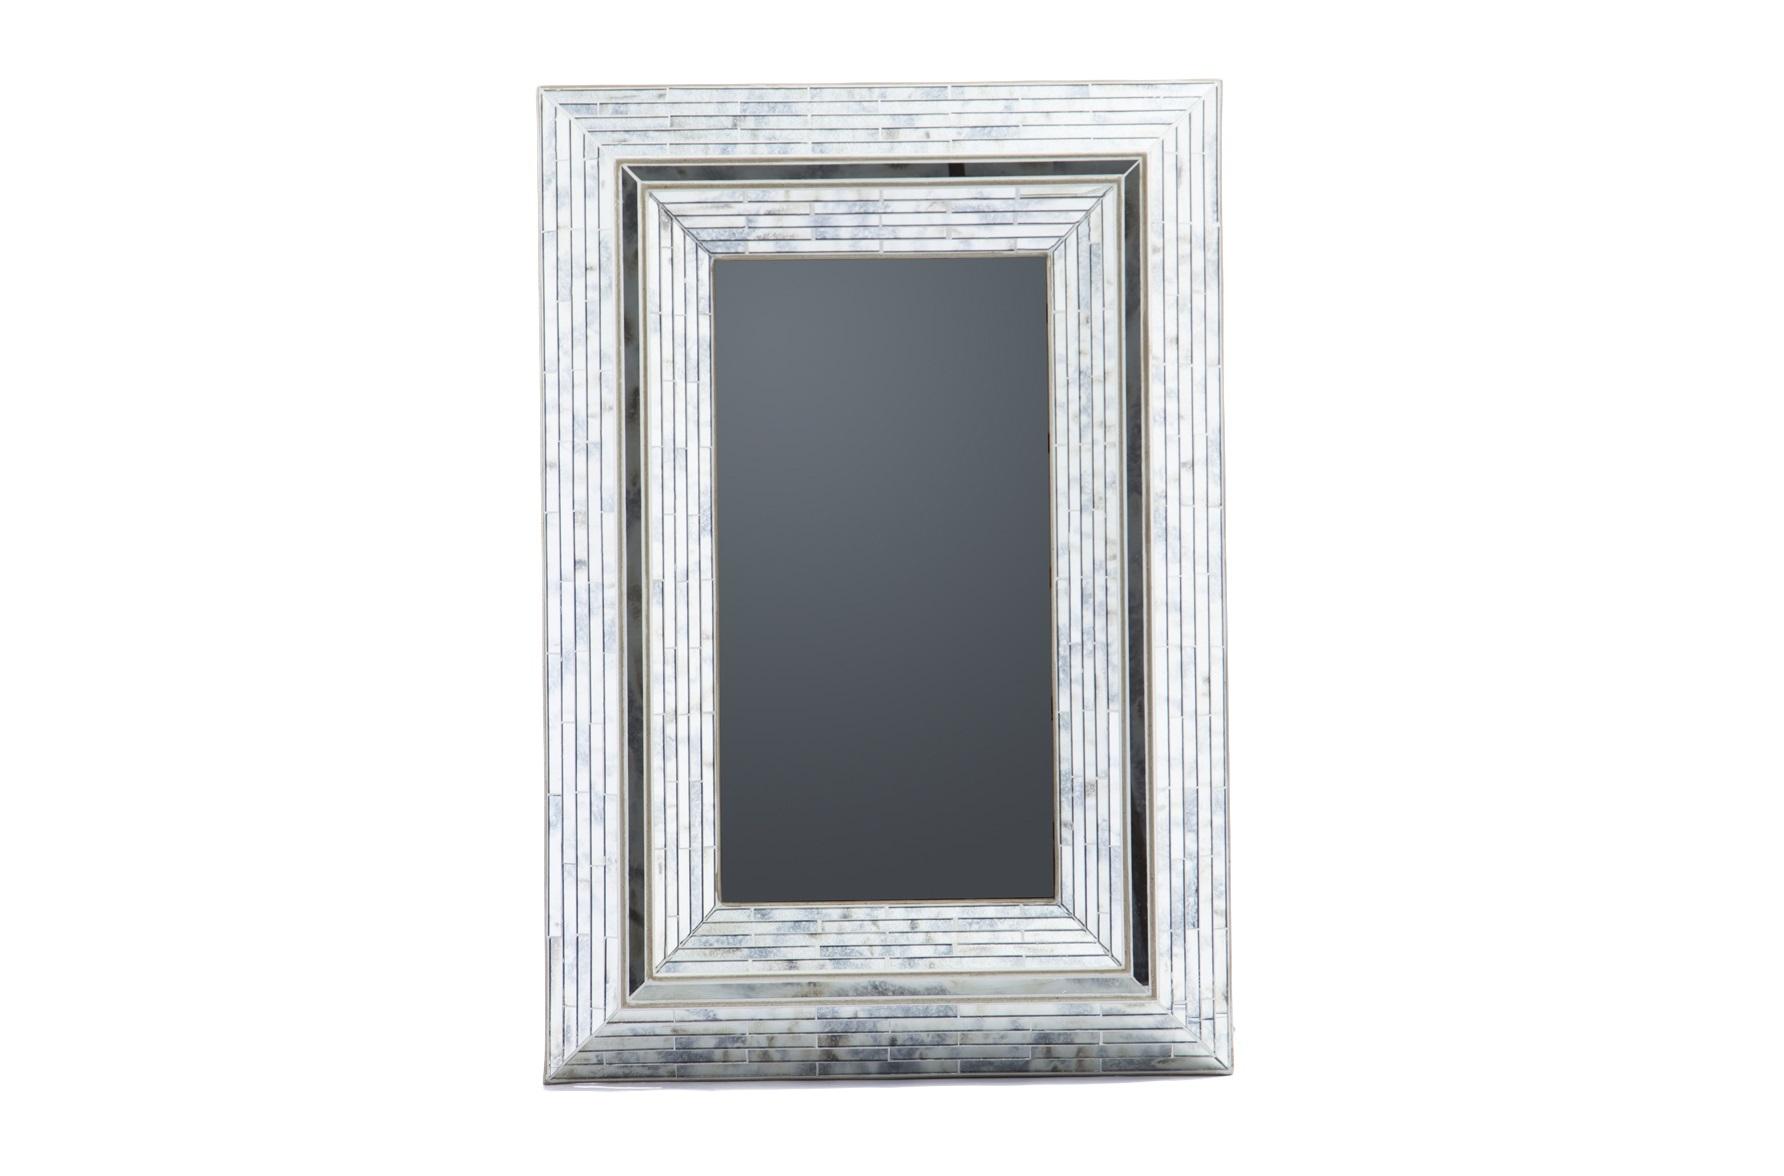 Зеркало в стиле арт-декоНастенные зеркала<br>Зеркало настенное прямоугольное в стиле арт-деко. Рама декорирована вставками из зеркального стекла.<br><br>Material: Стекло<br>Ширина см: 84<br>Высота см: 122<br>Глубина см: 10